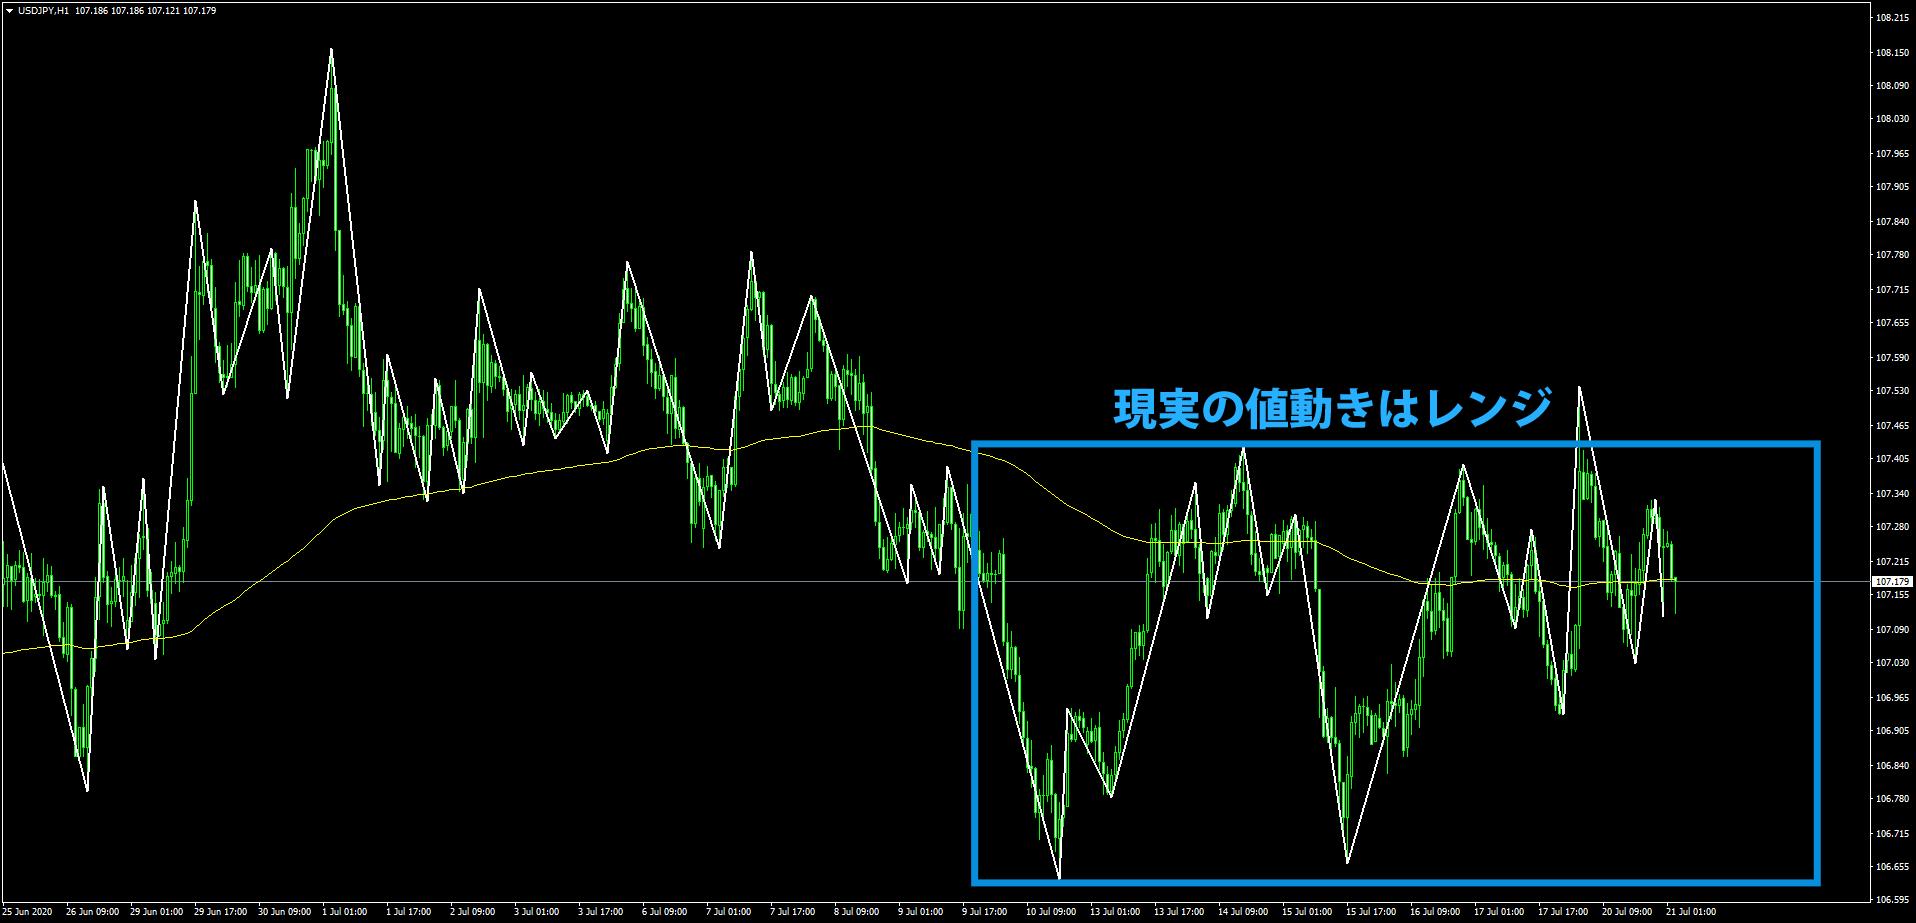 ドル円の下降トレンド中のレンジ